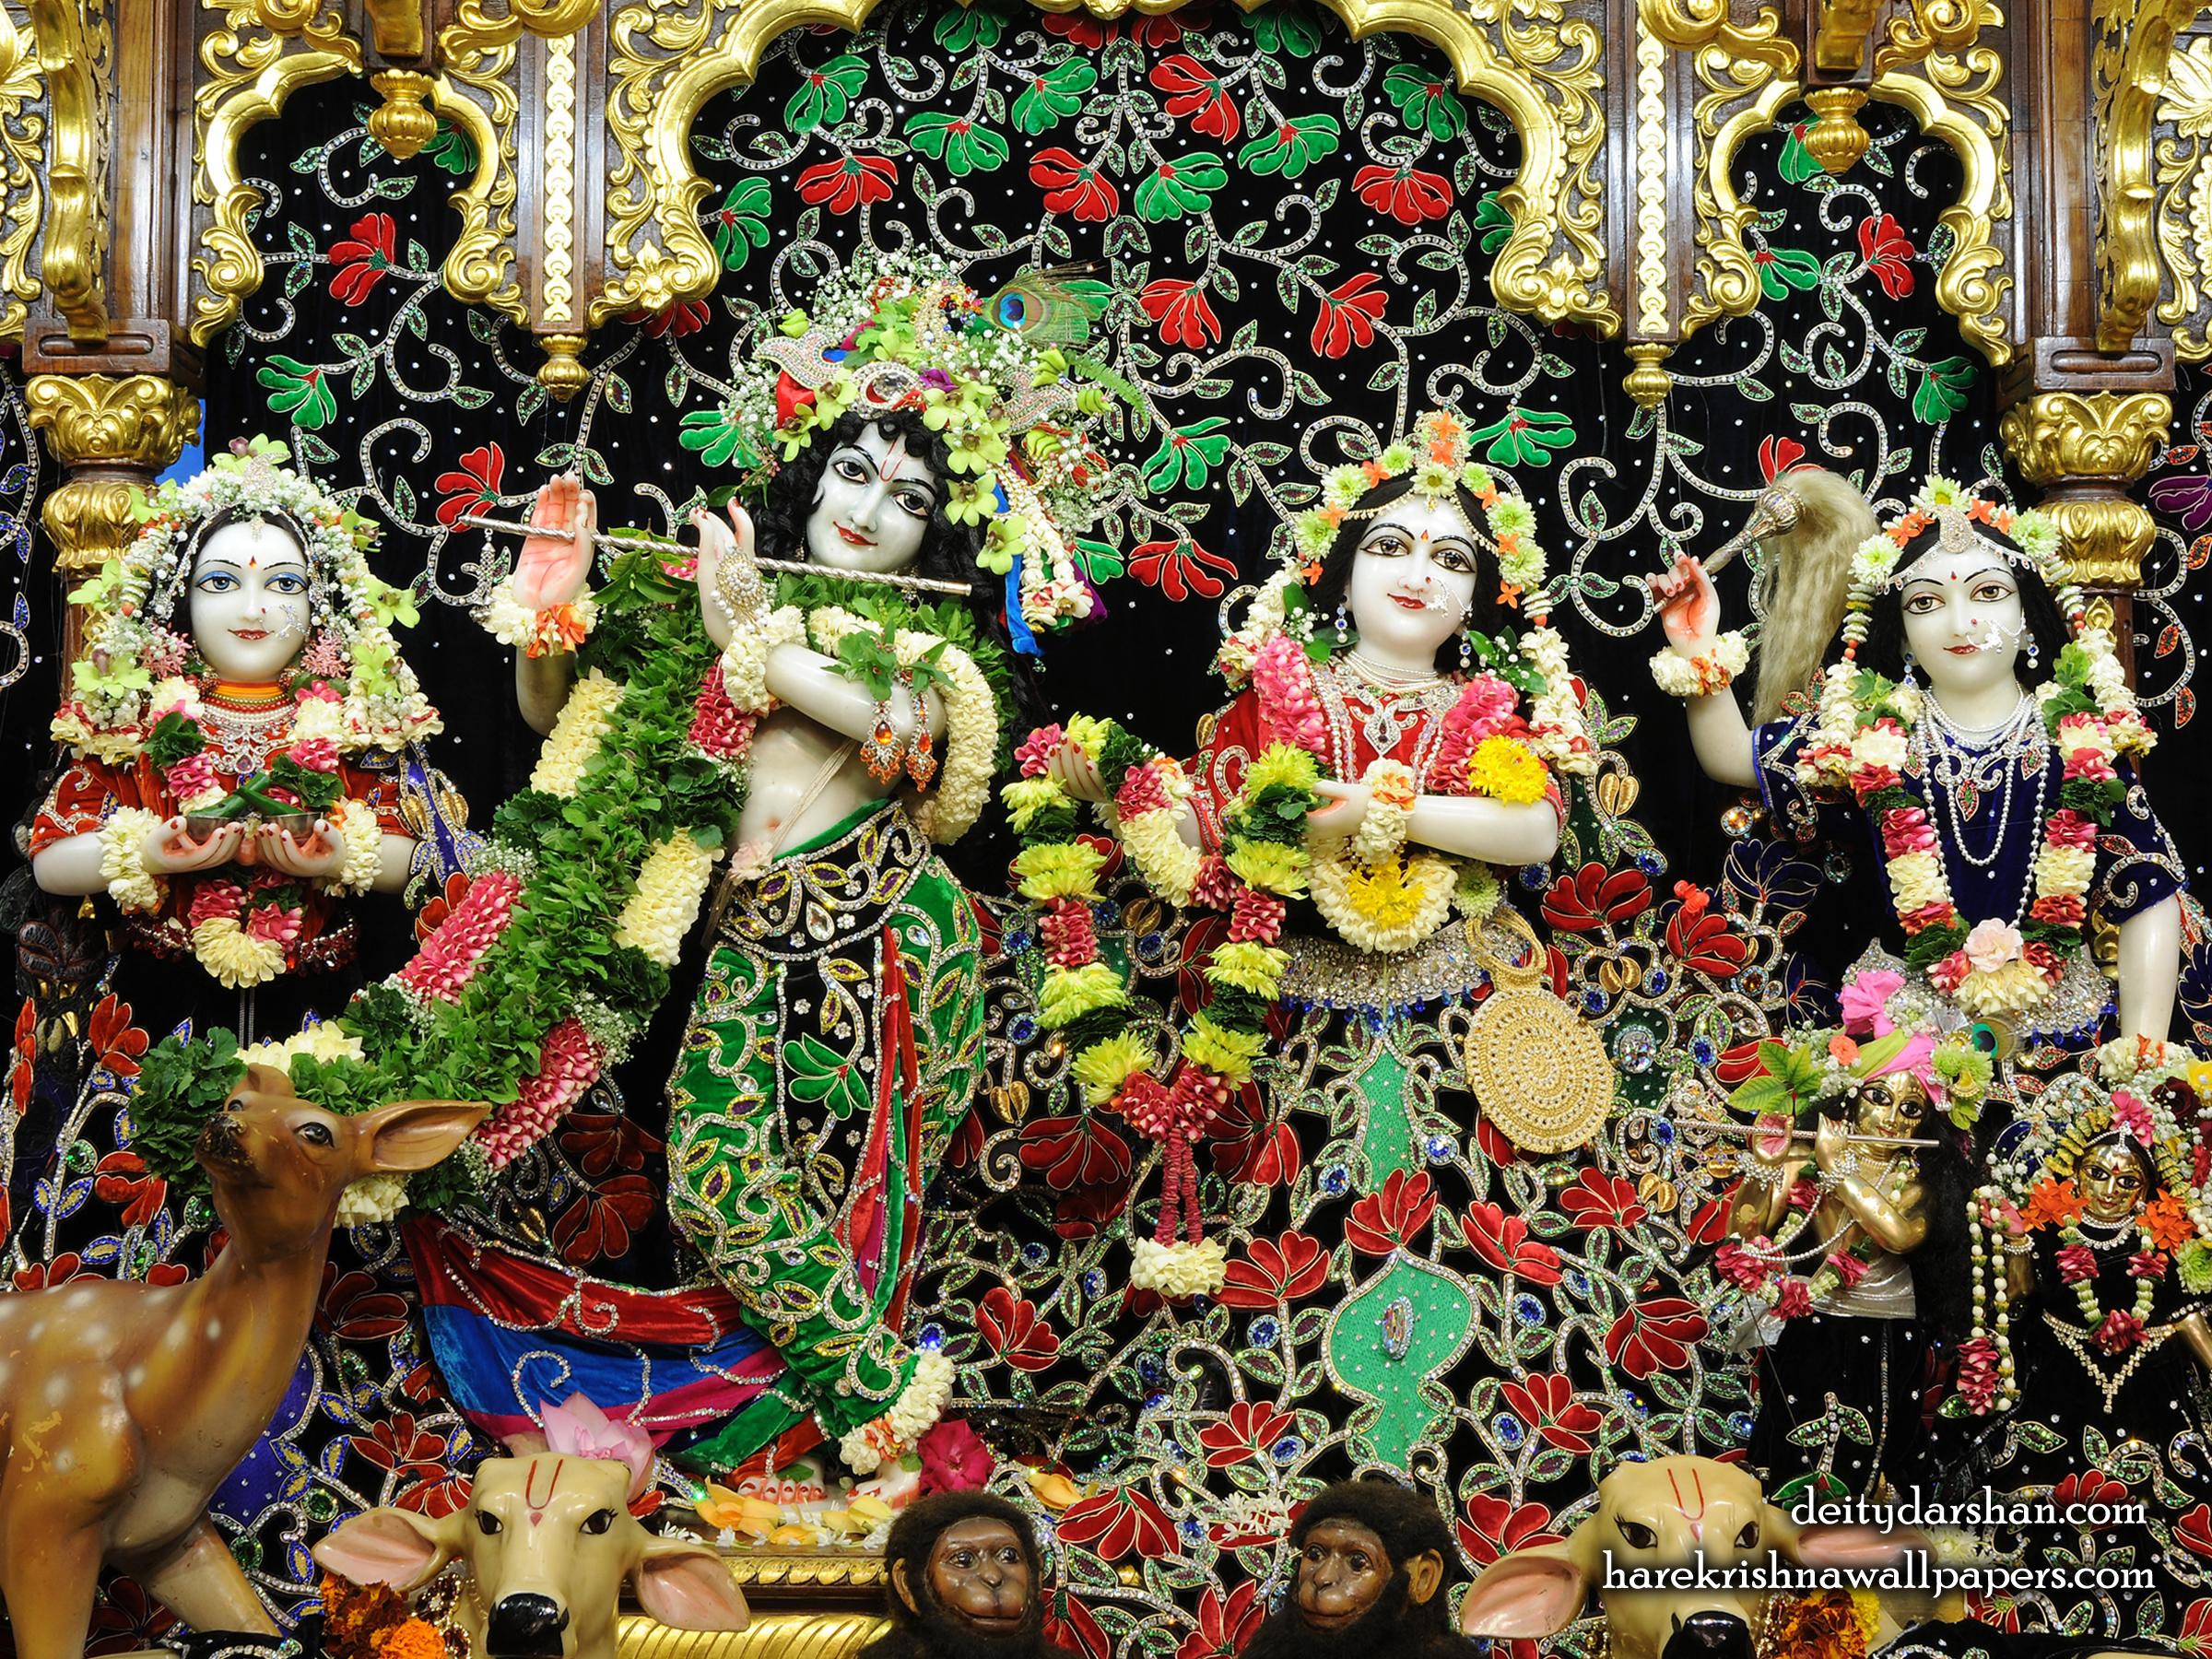 Sri Sri Radha Gopinath Lalita Vishakha Wallpaper (075) Size 2400x1800 Download